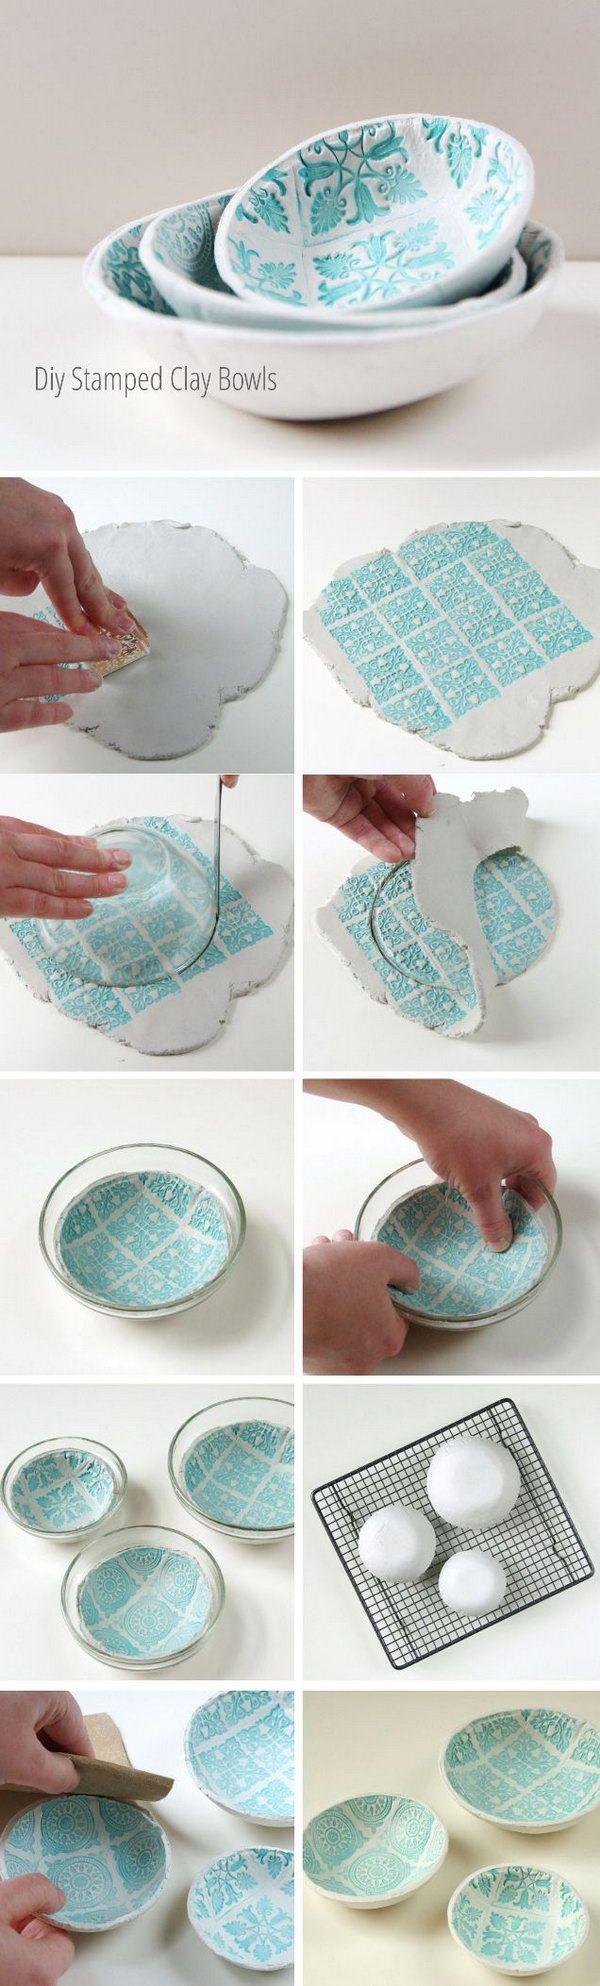 DIY Stamped Clay Bowls. Wenn ich wieder mal Zeit finde....